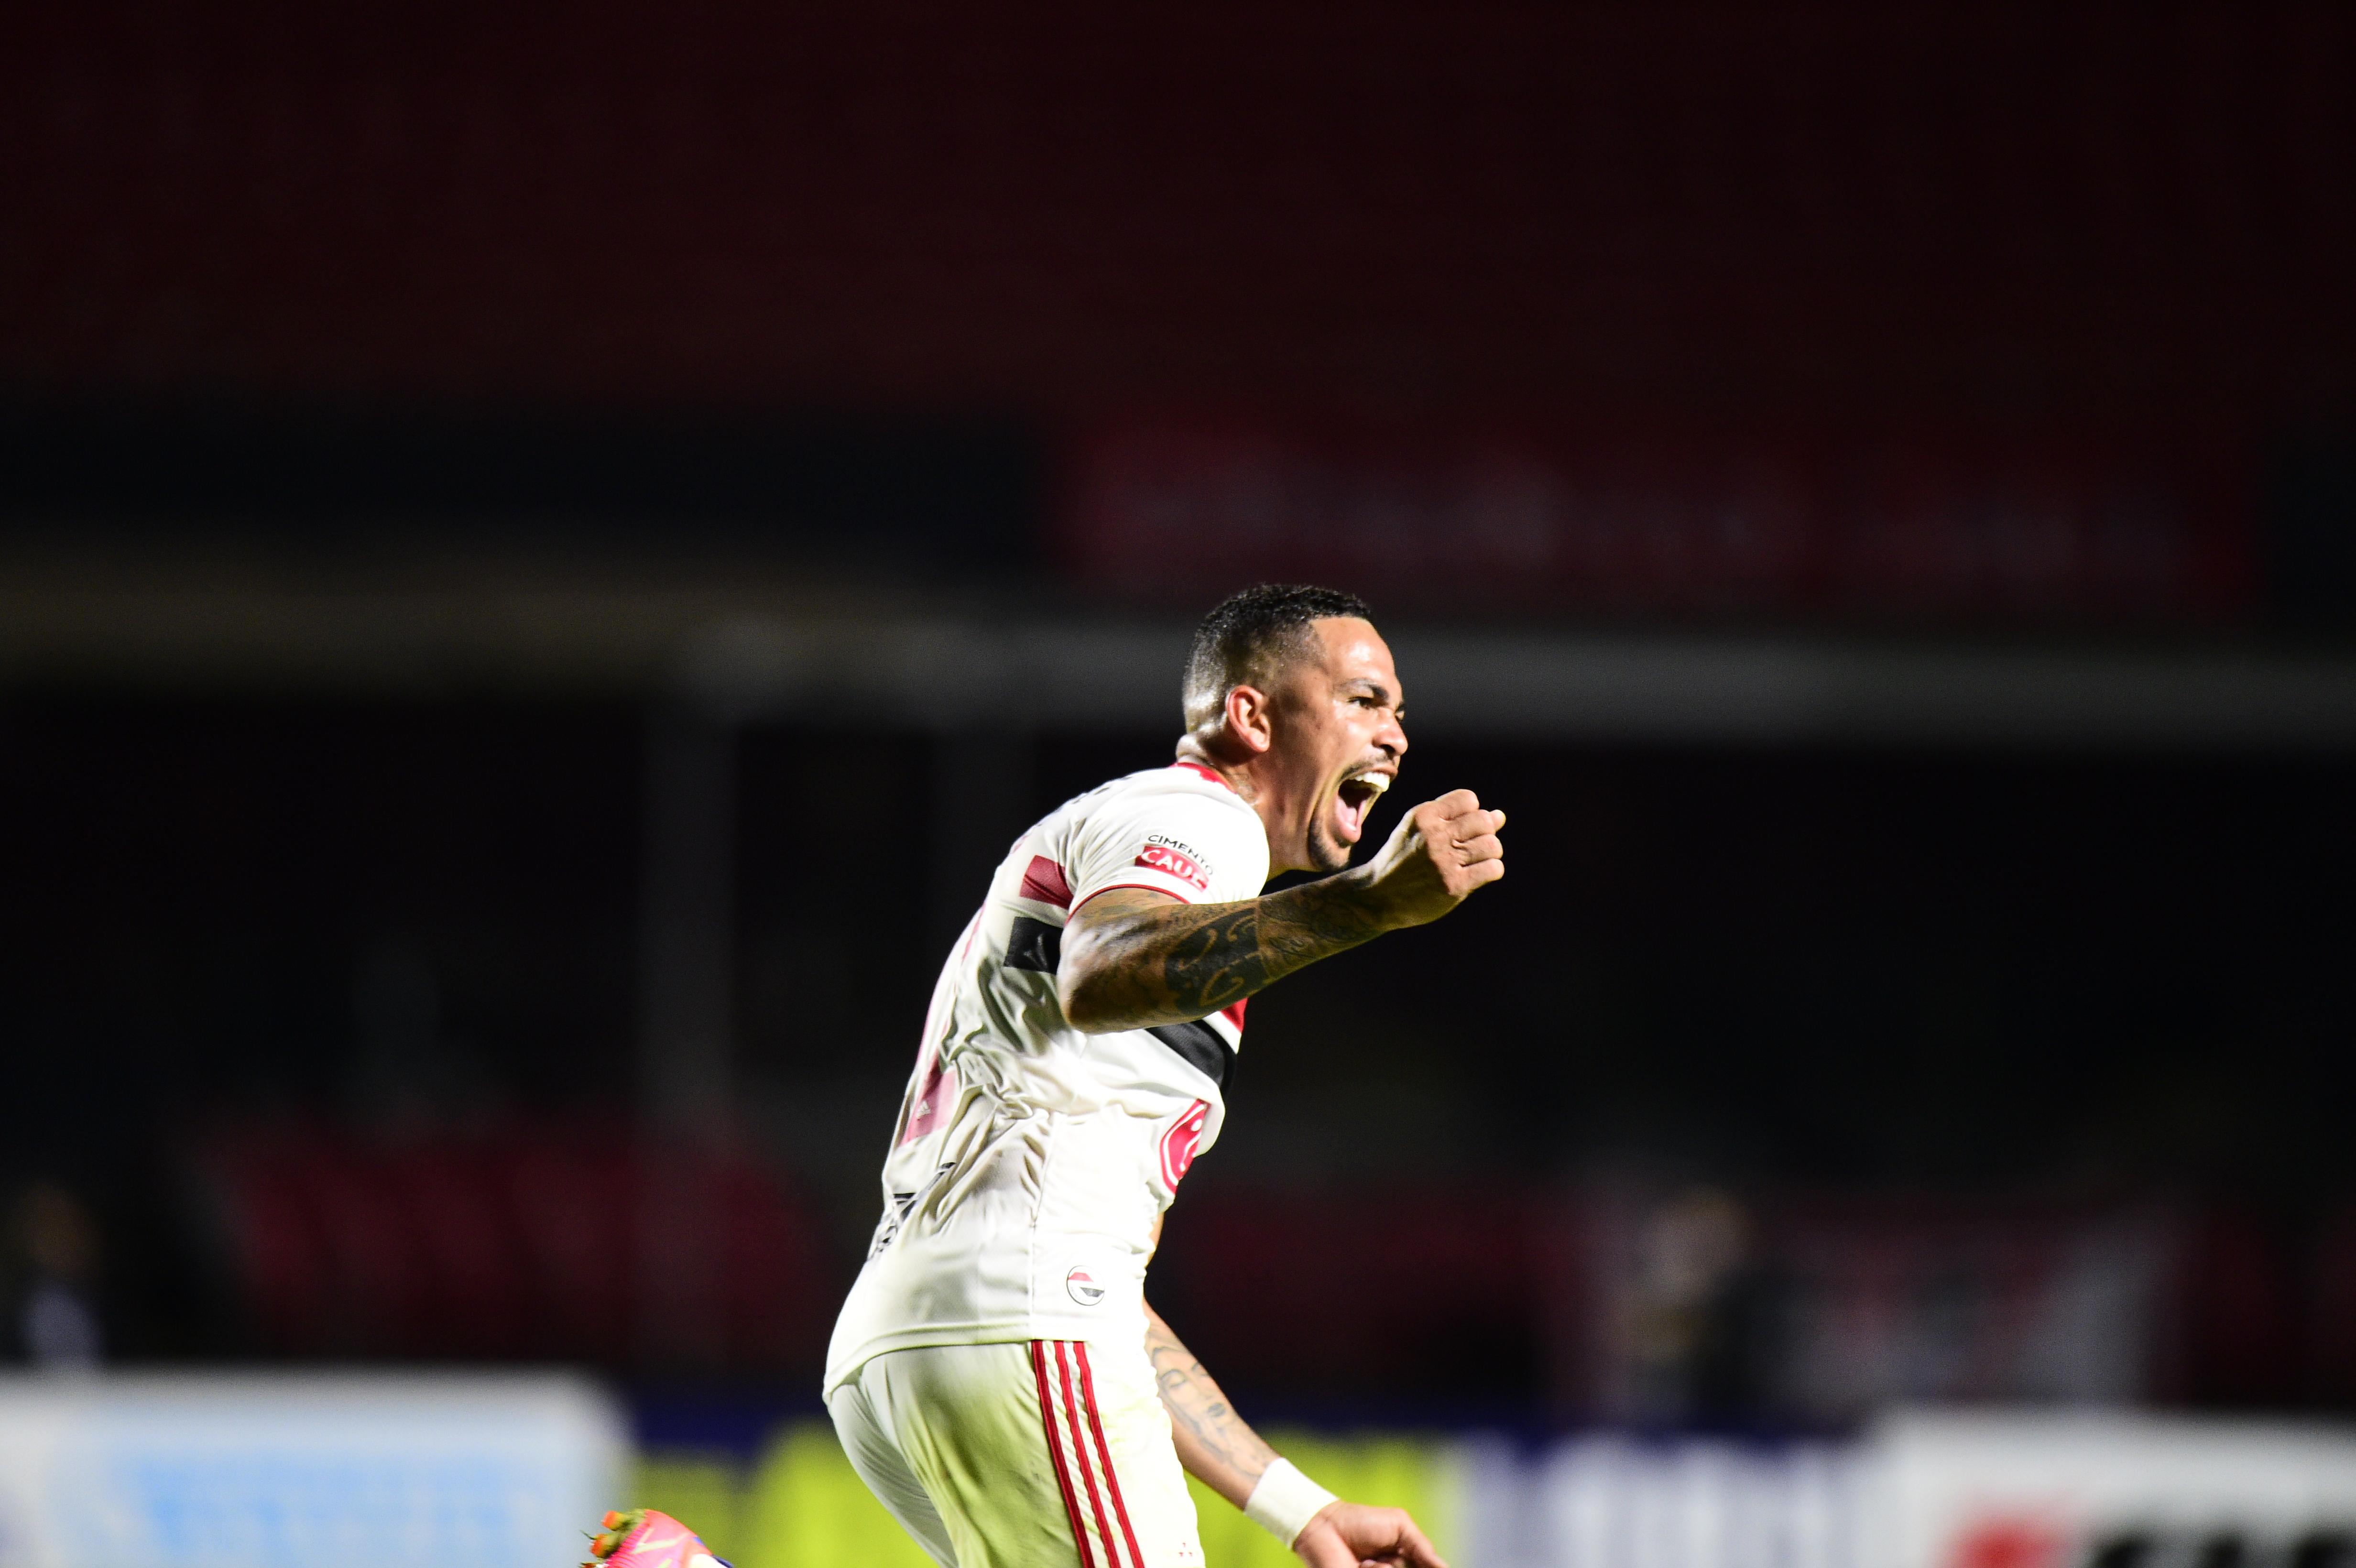 A imagem mostra Luciano correndo e comemorando seu gol no Morumbi